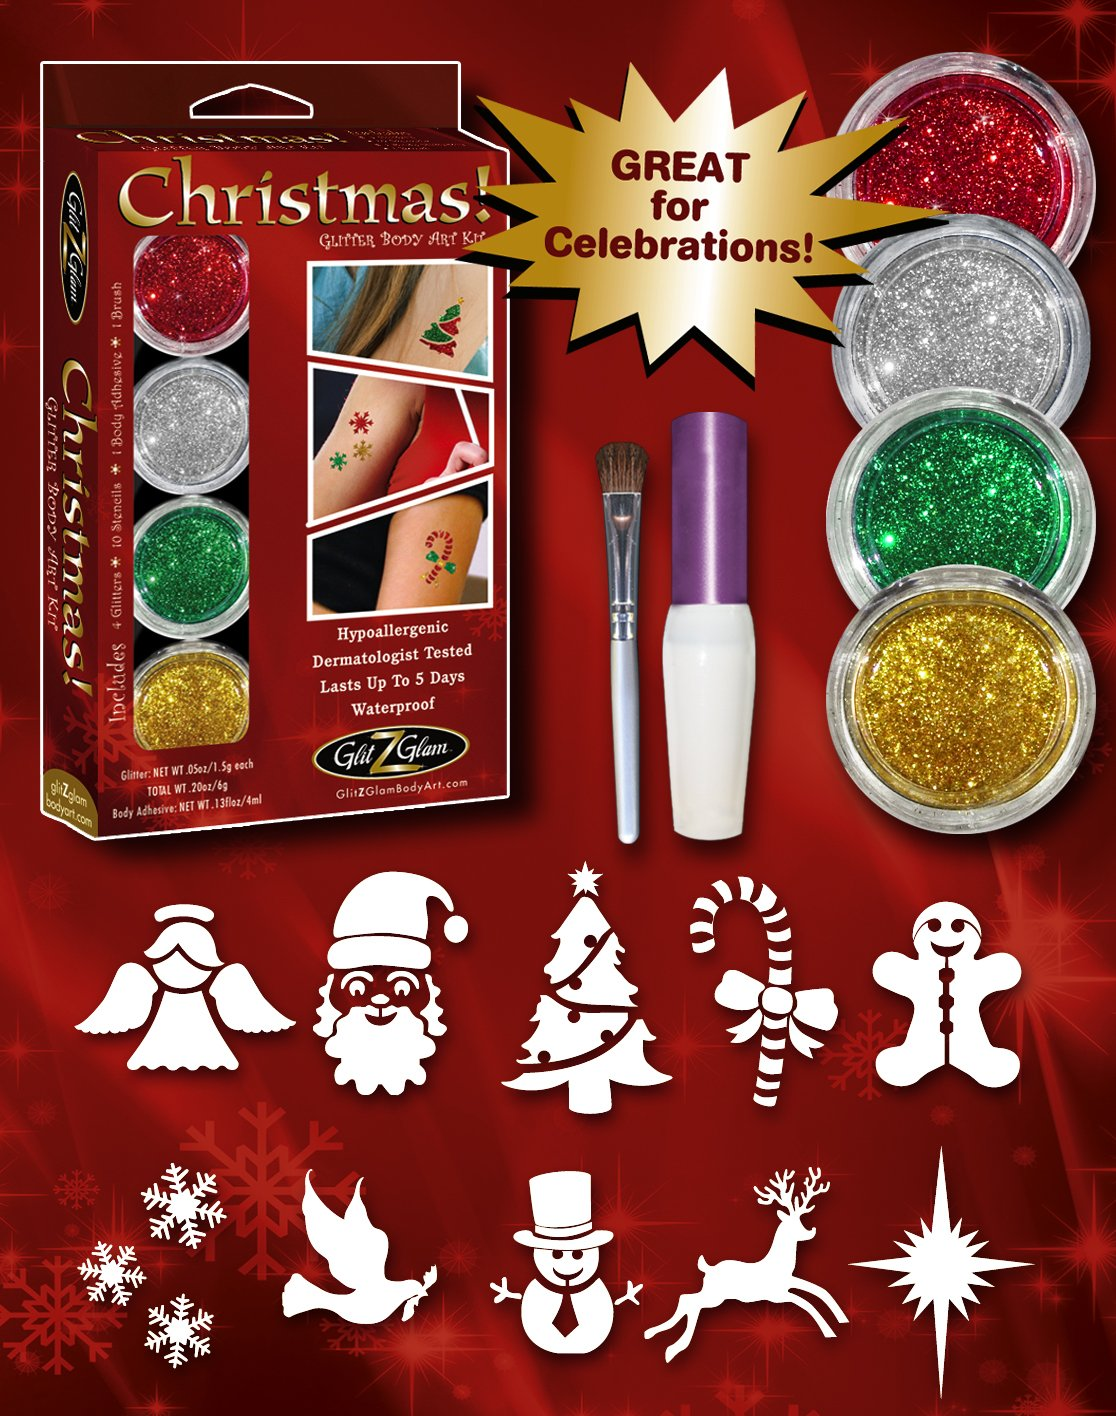 Kit di Tatuaggi Glitter Natalizi GlitZGlam 69189